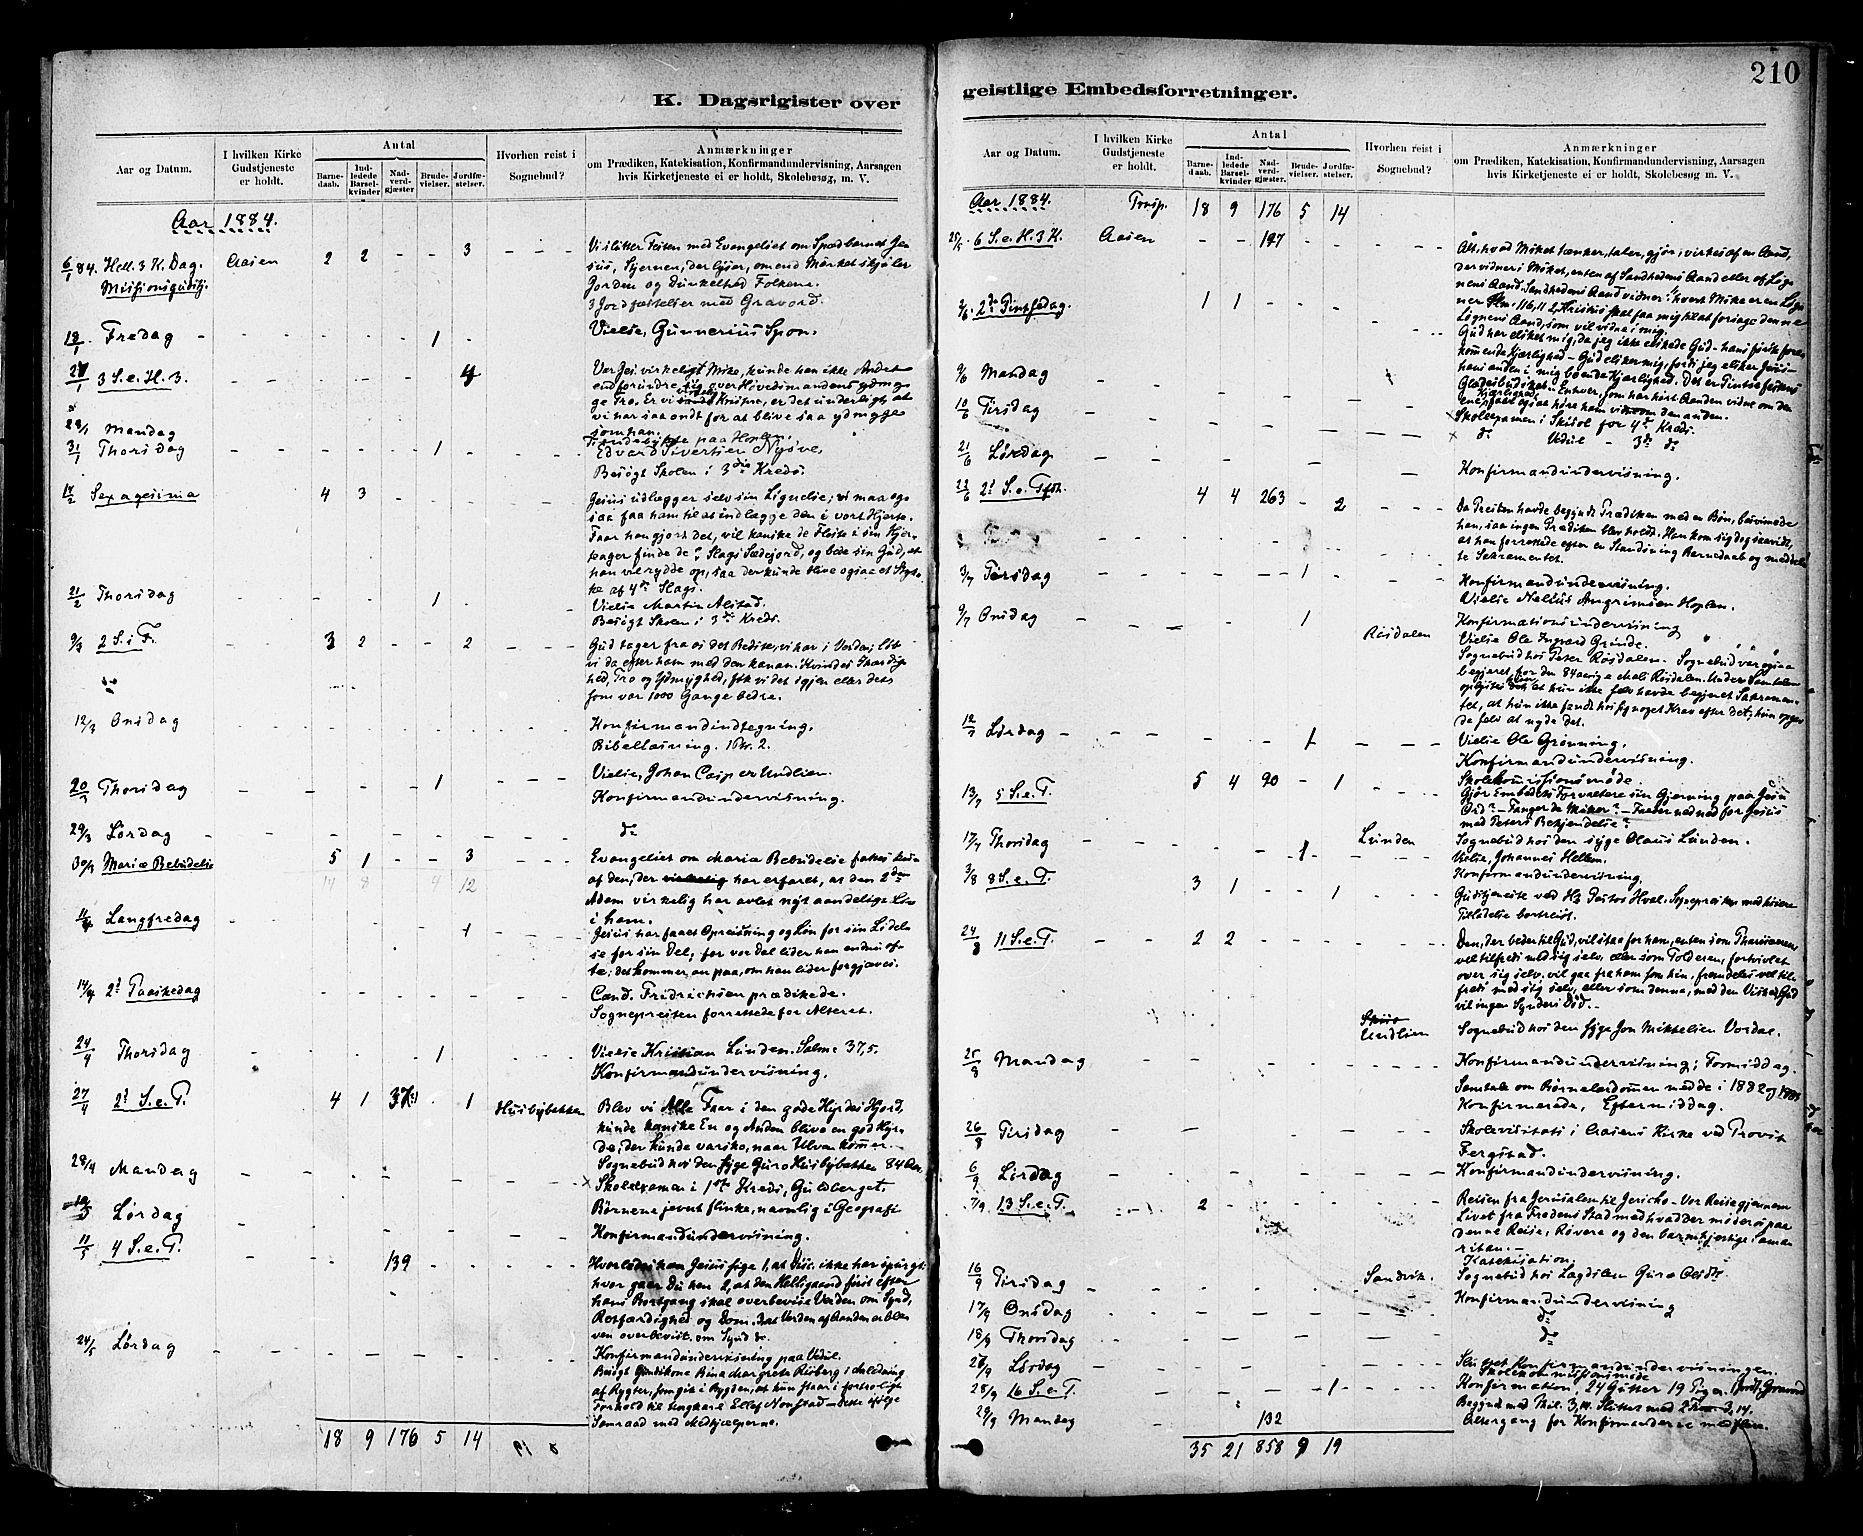 SAT, Ministerialprotokoller, klokkerbøker og fødselsregistre - Nord-Trøndelag, 714/L0130: Ministerialbok nr. 714A01, 1878-1895, s. 210